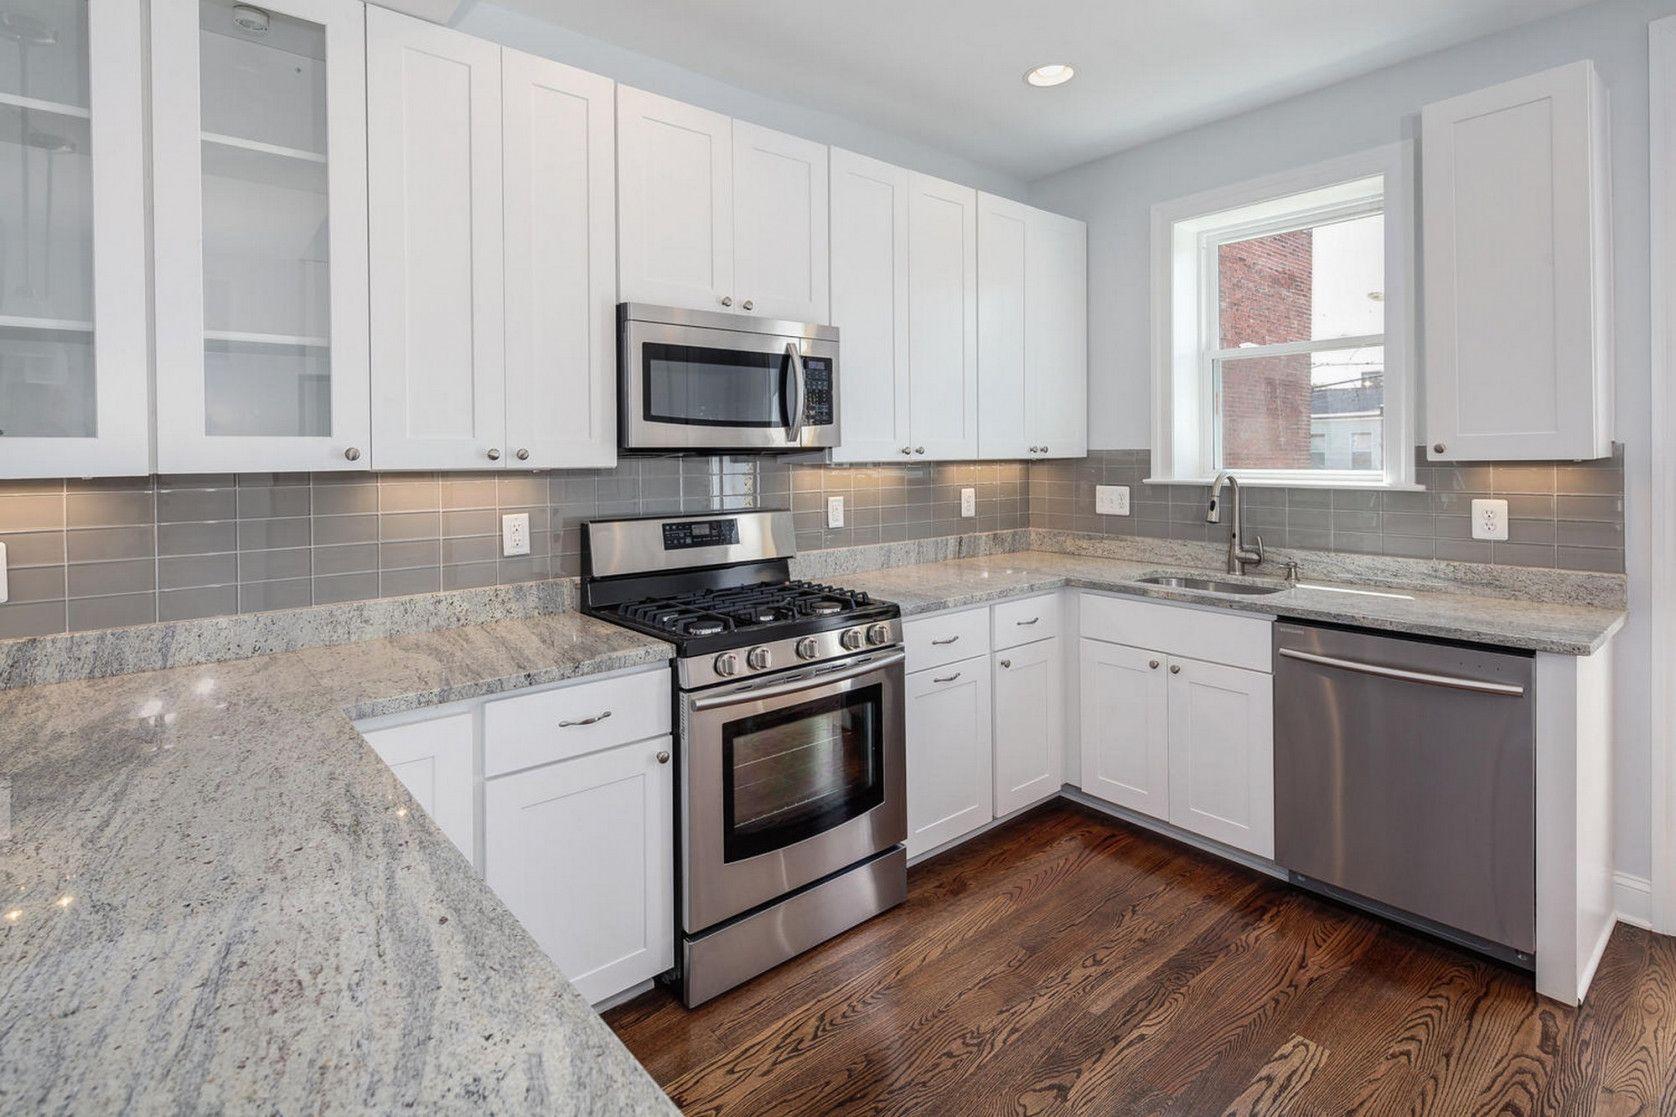 - 99+ White Kitchen Cabinets And Countertops - Kitchen Decor Theme